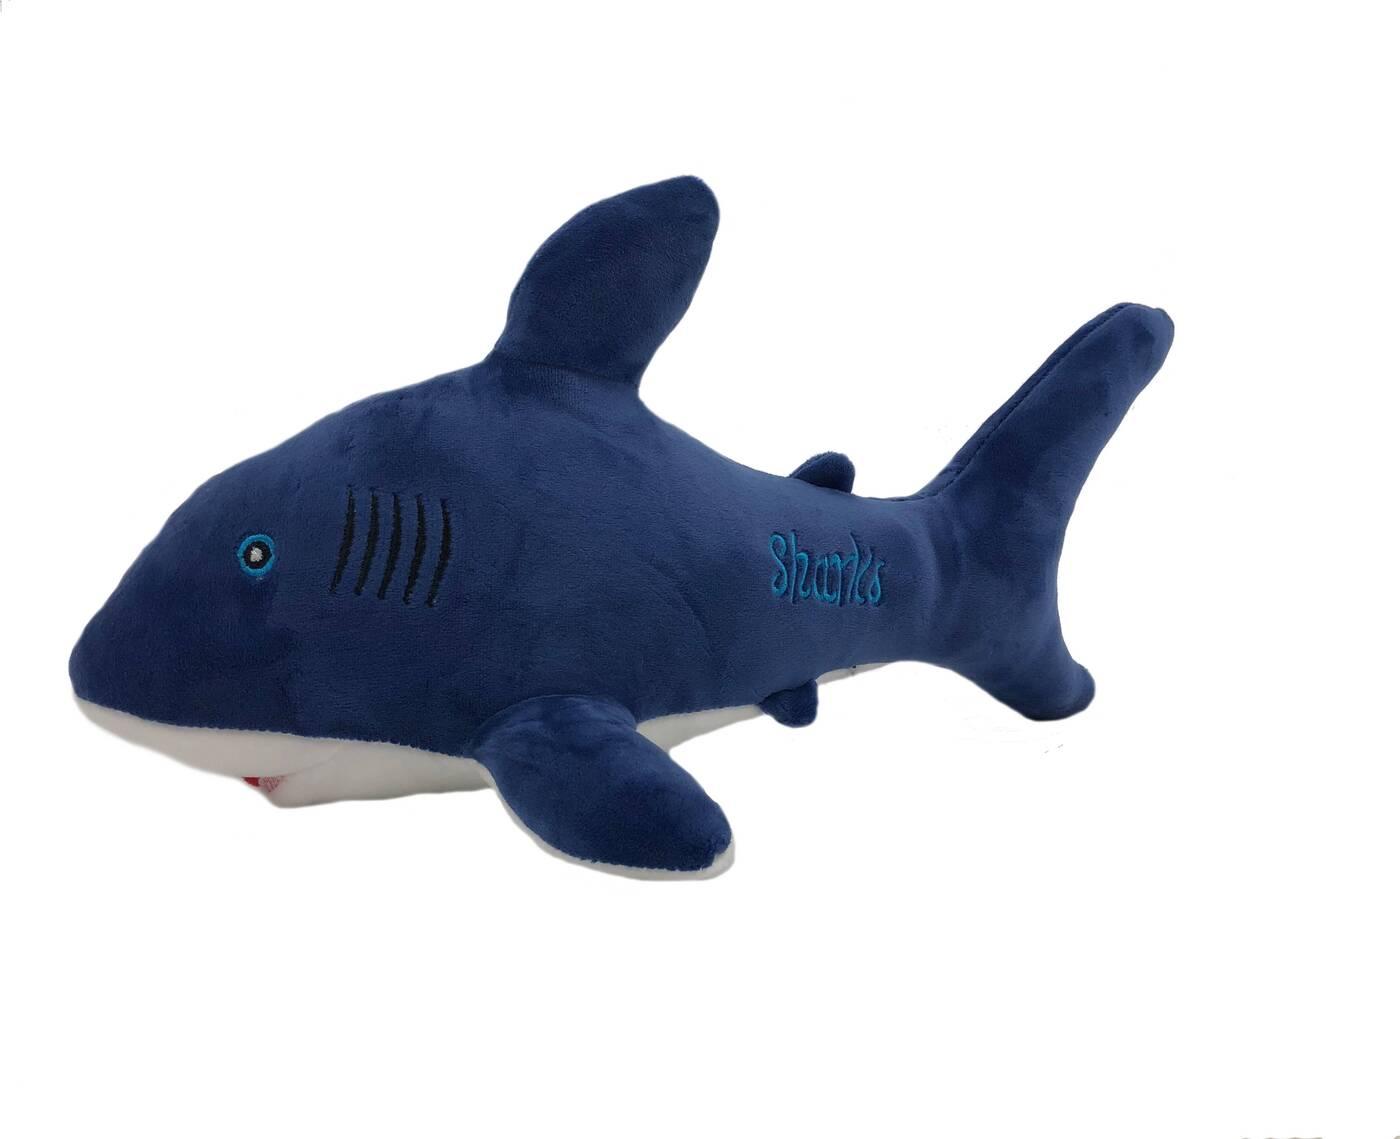 АБВГДЕЙКА Мягкая игрушка Акула Шарка, 38 см, синяя